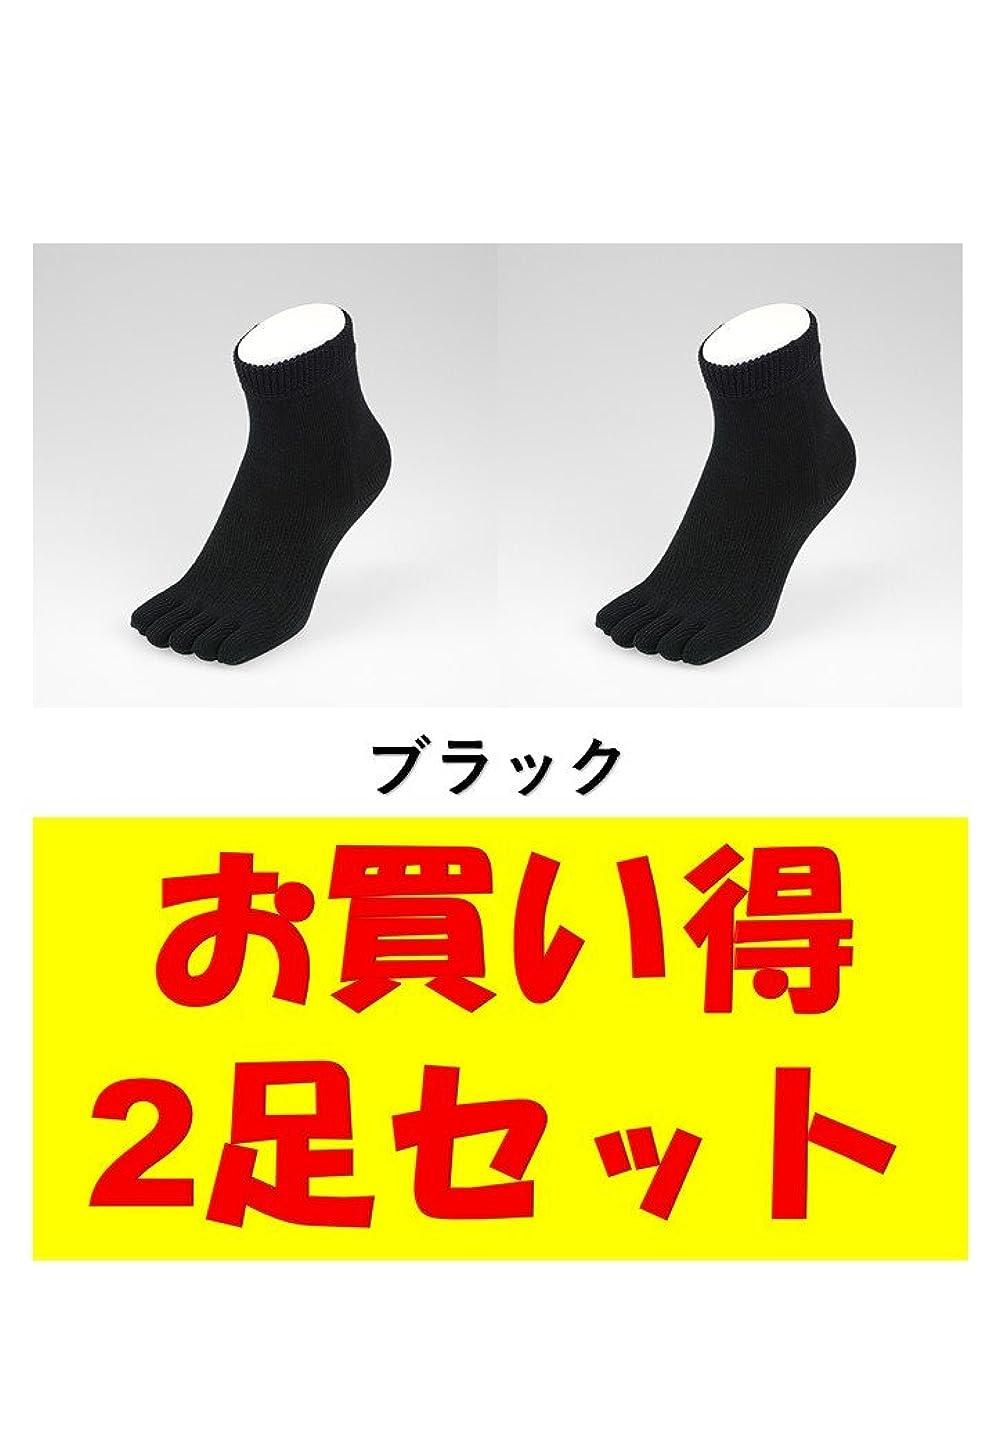 引退する限定電圧お買い得2足セット 5本指 ゆびのばソックス Neo EVE(イヴ) ブラック iサイズ(23.5cm - 25.5cm) YSNEVE-BLK